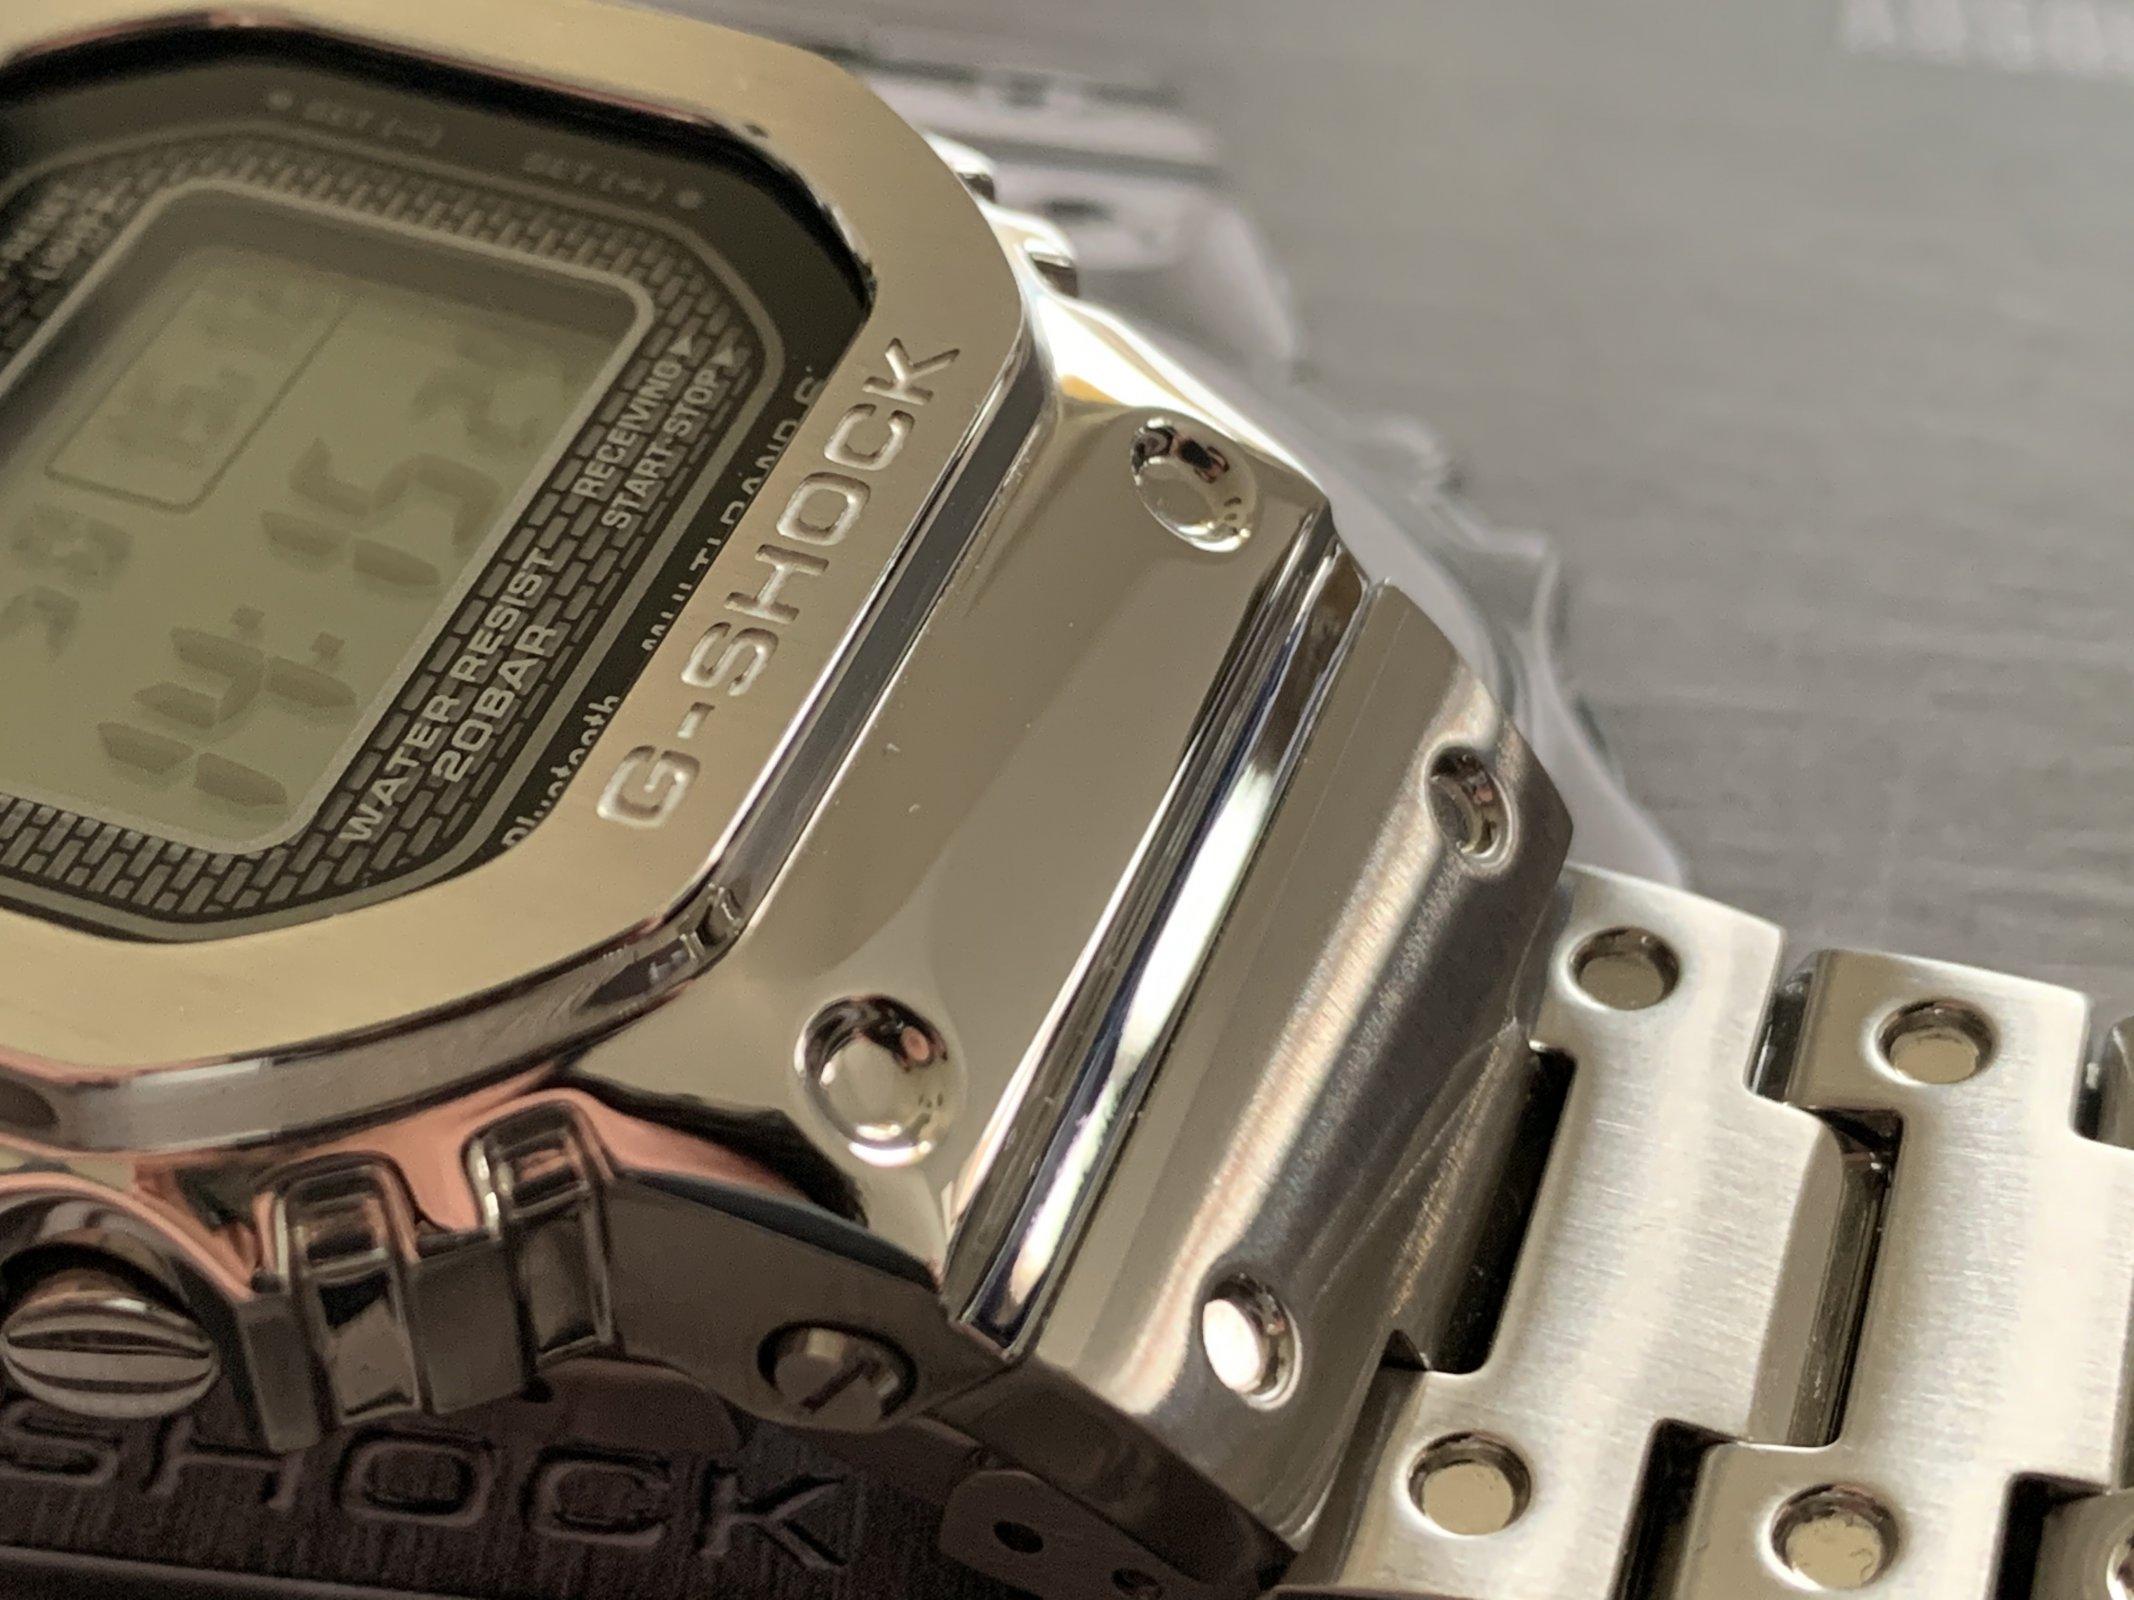 206E2BC3-A08A-469E-8780-8DF5668E2E8E.jpeg